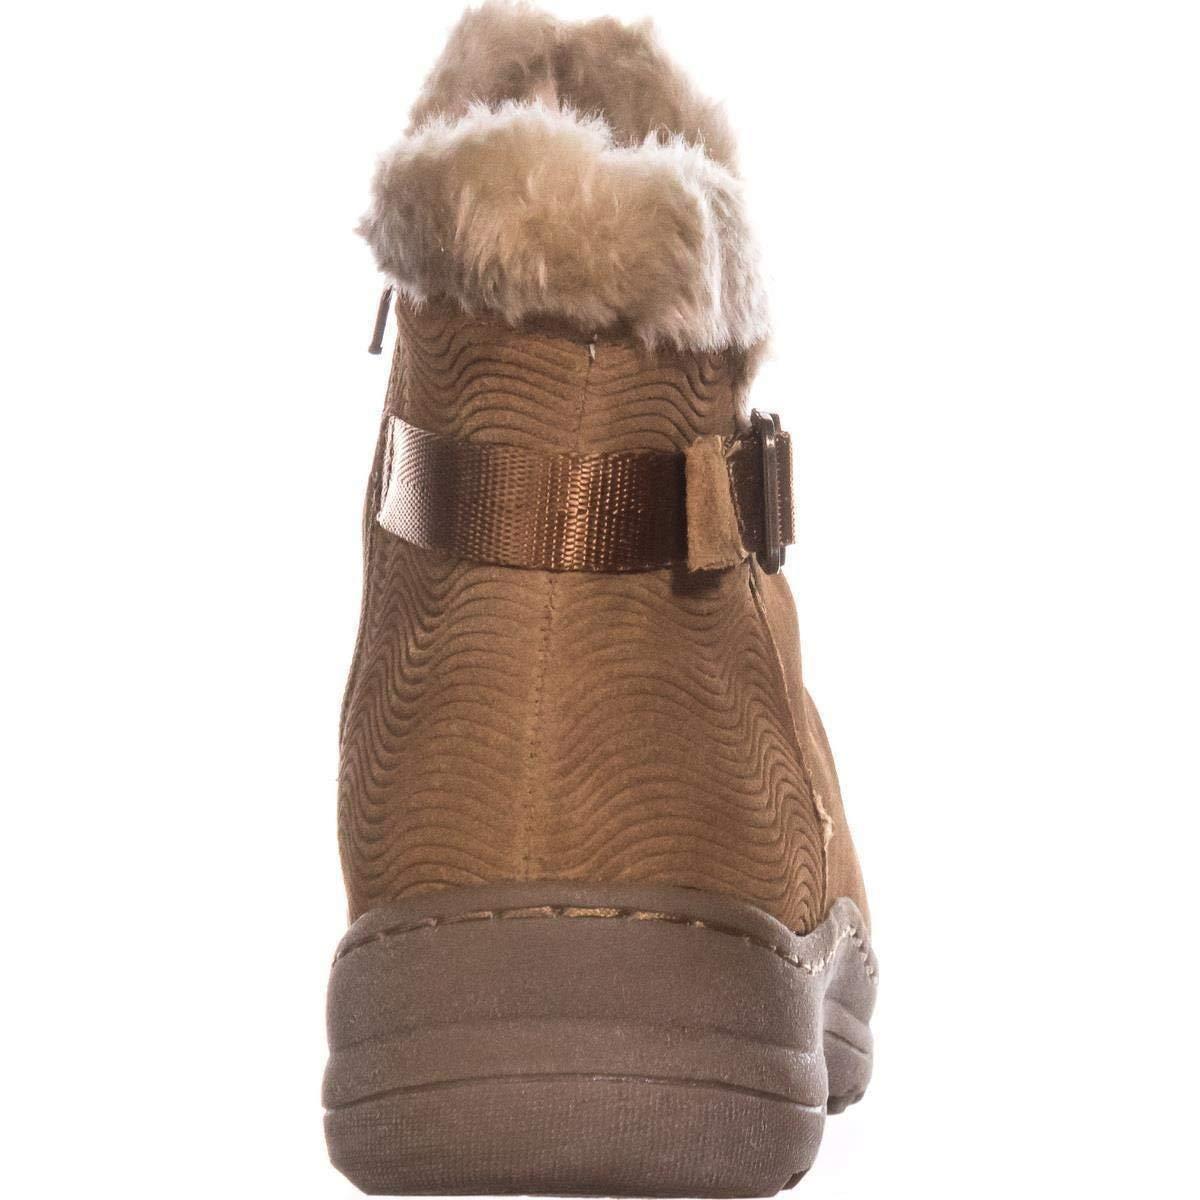 Bare Traps de cuero para mujer moda moda mujer puntera cerrada en el tobillo Avita botas 2deecc